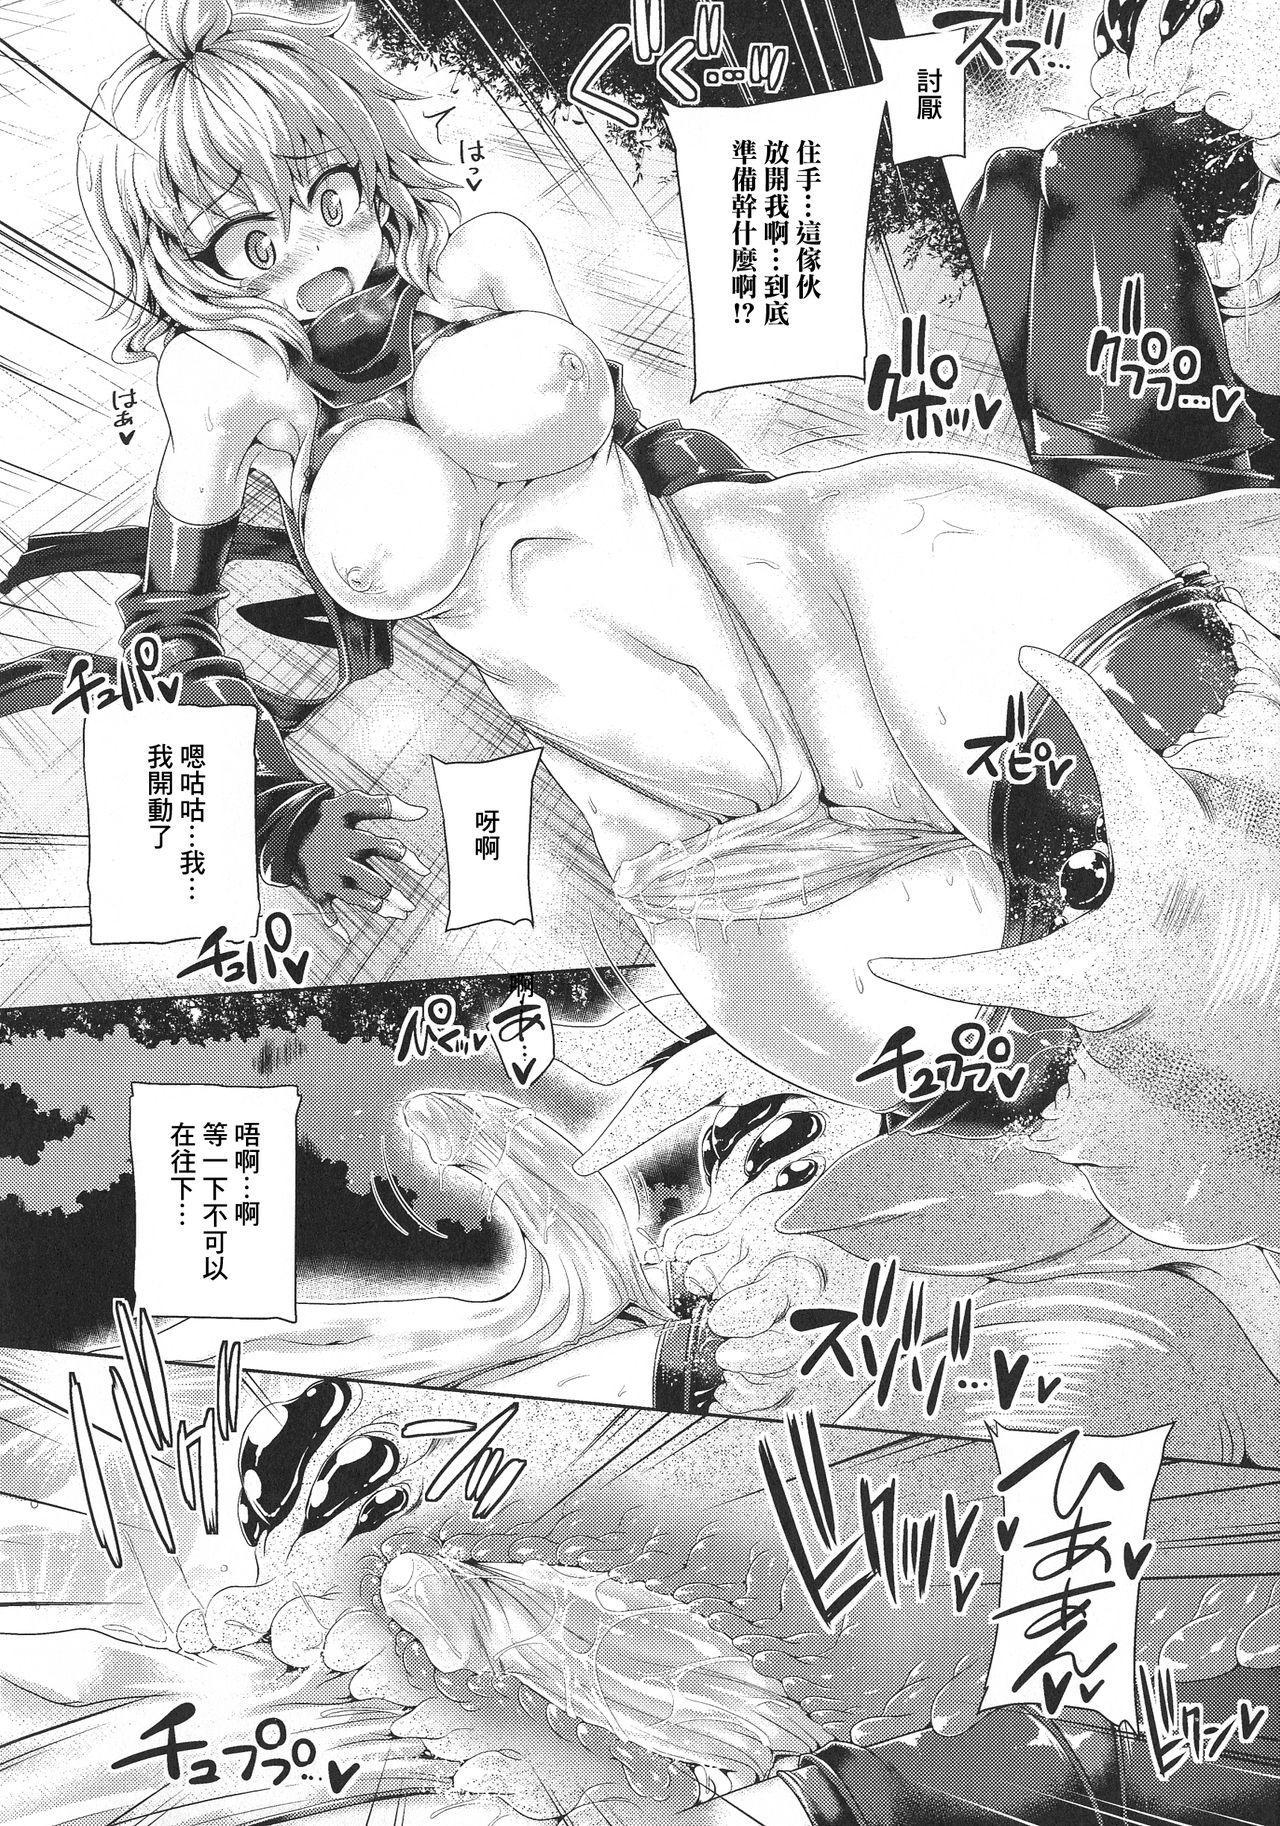 Futanari Gal Brave - Tsuiteru Gal Yuusha Isekai no ji ni Botsu 160